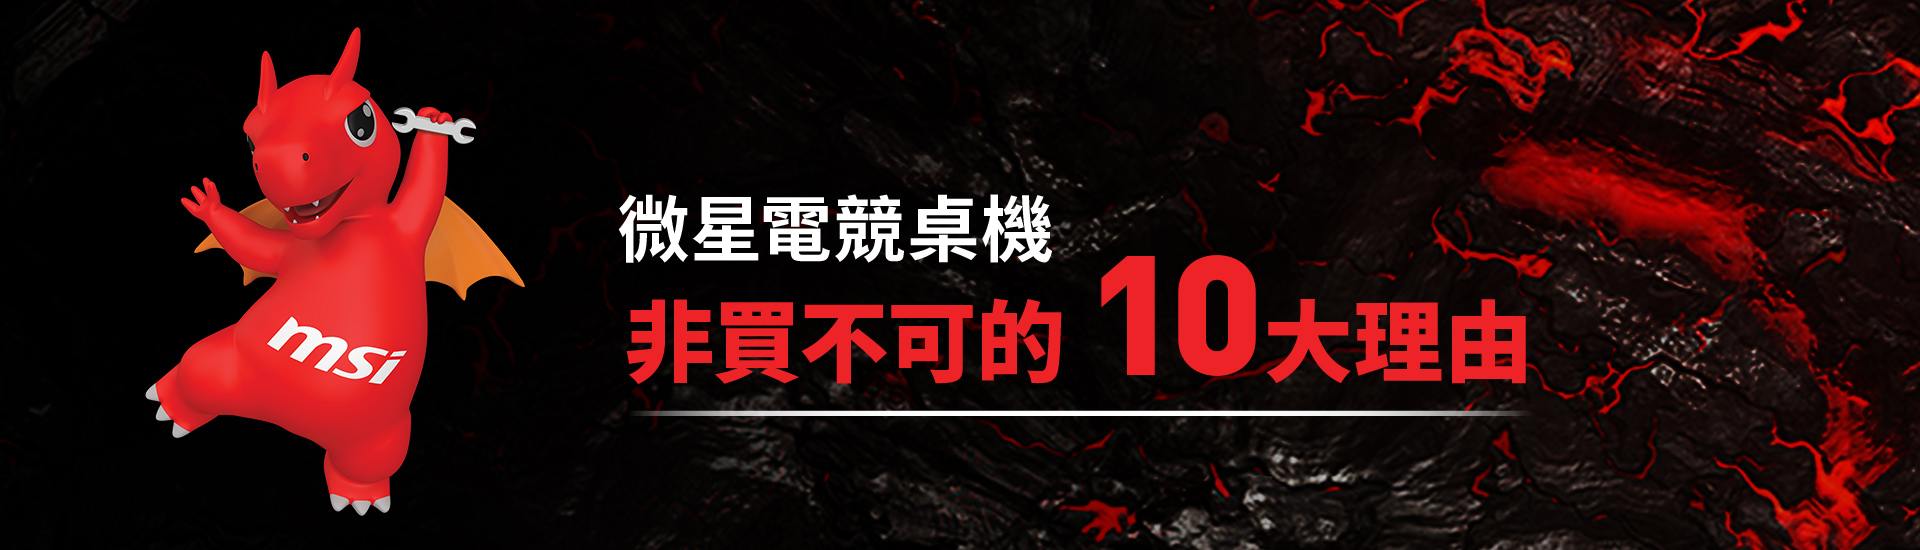 10reason